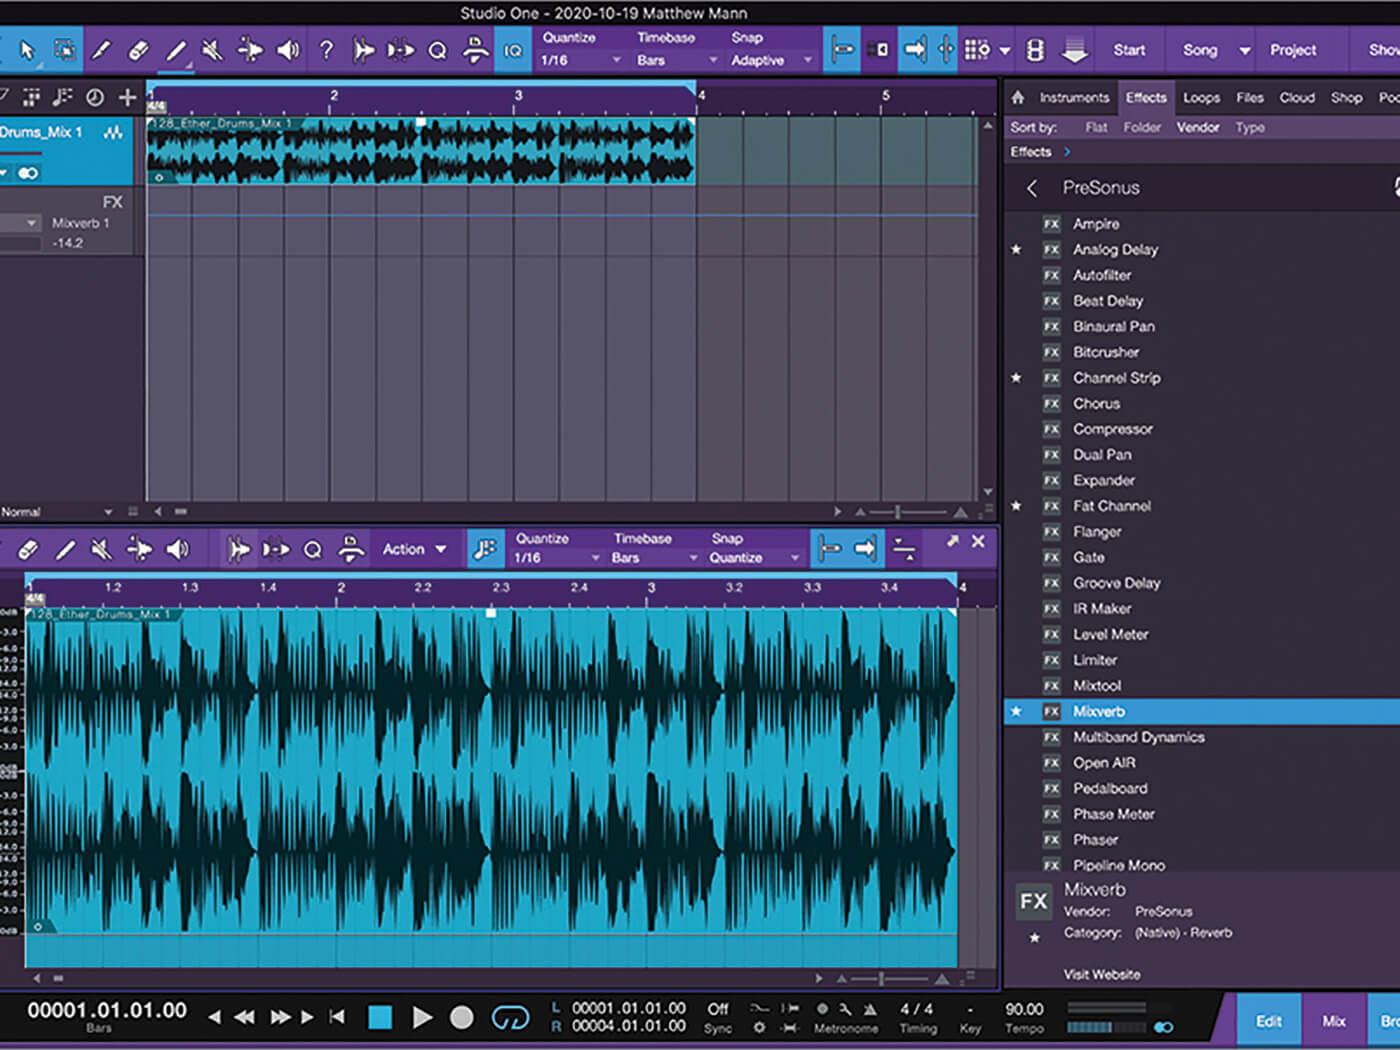 MT213 Studio One TUT 7